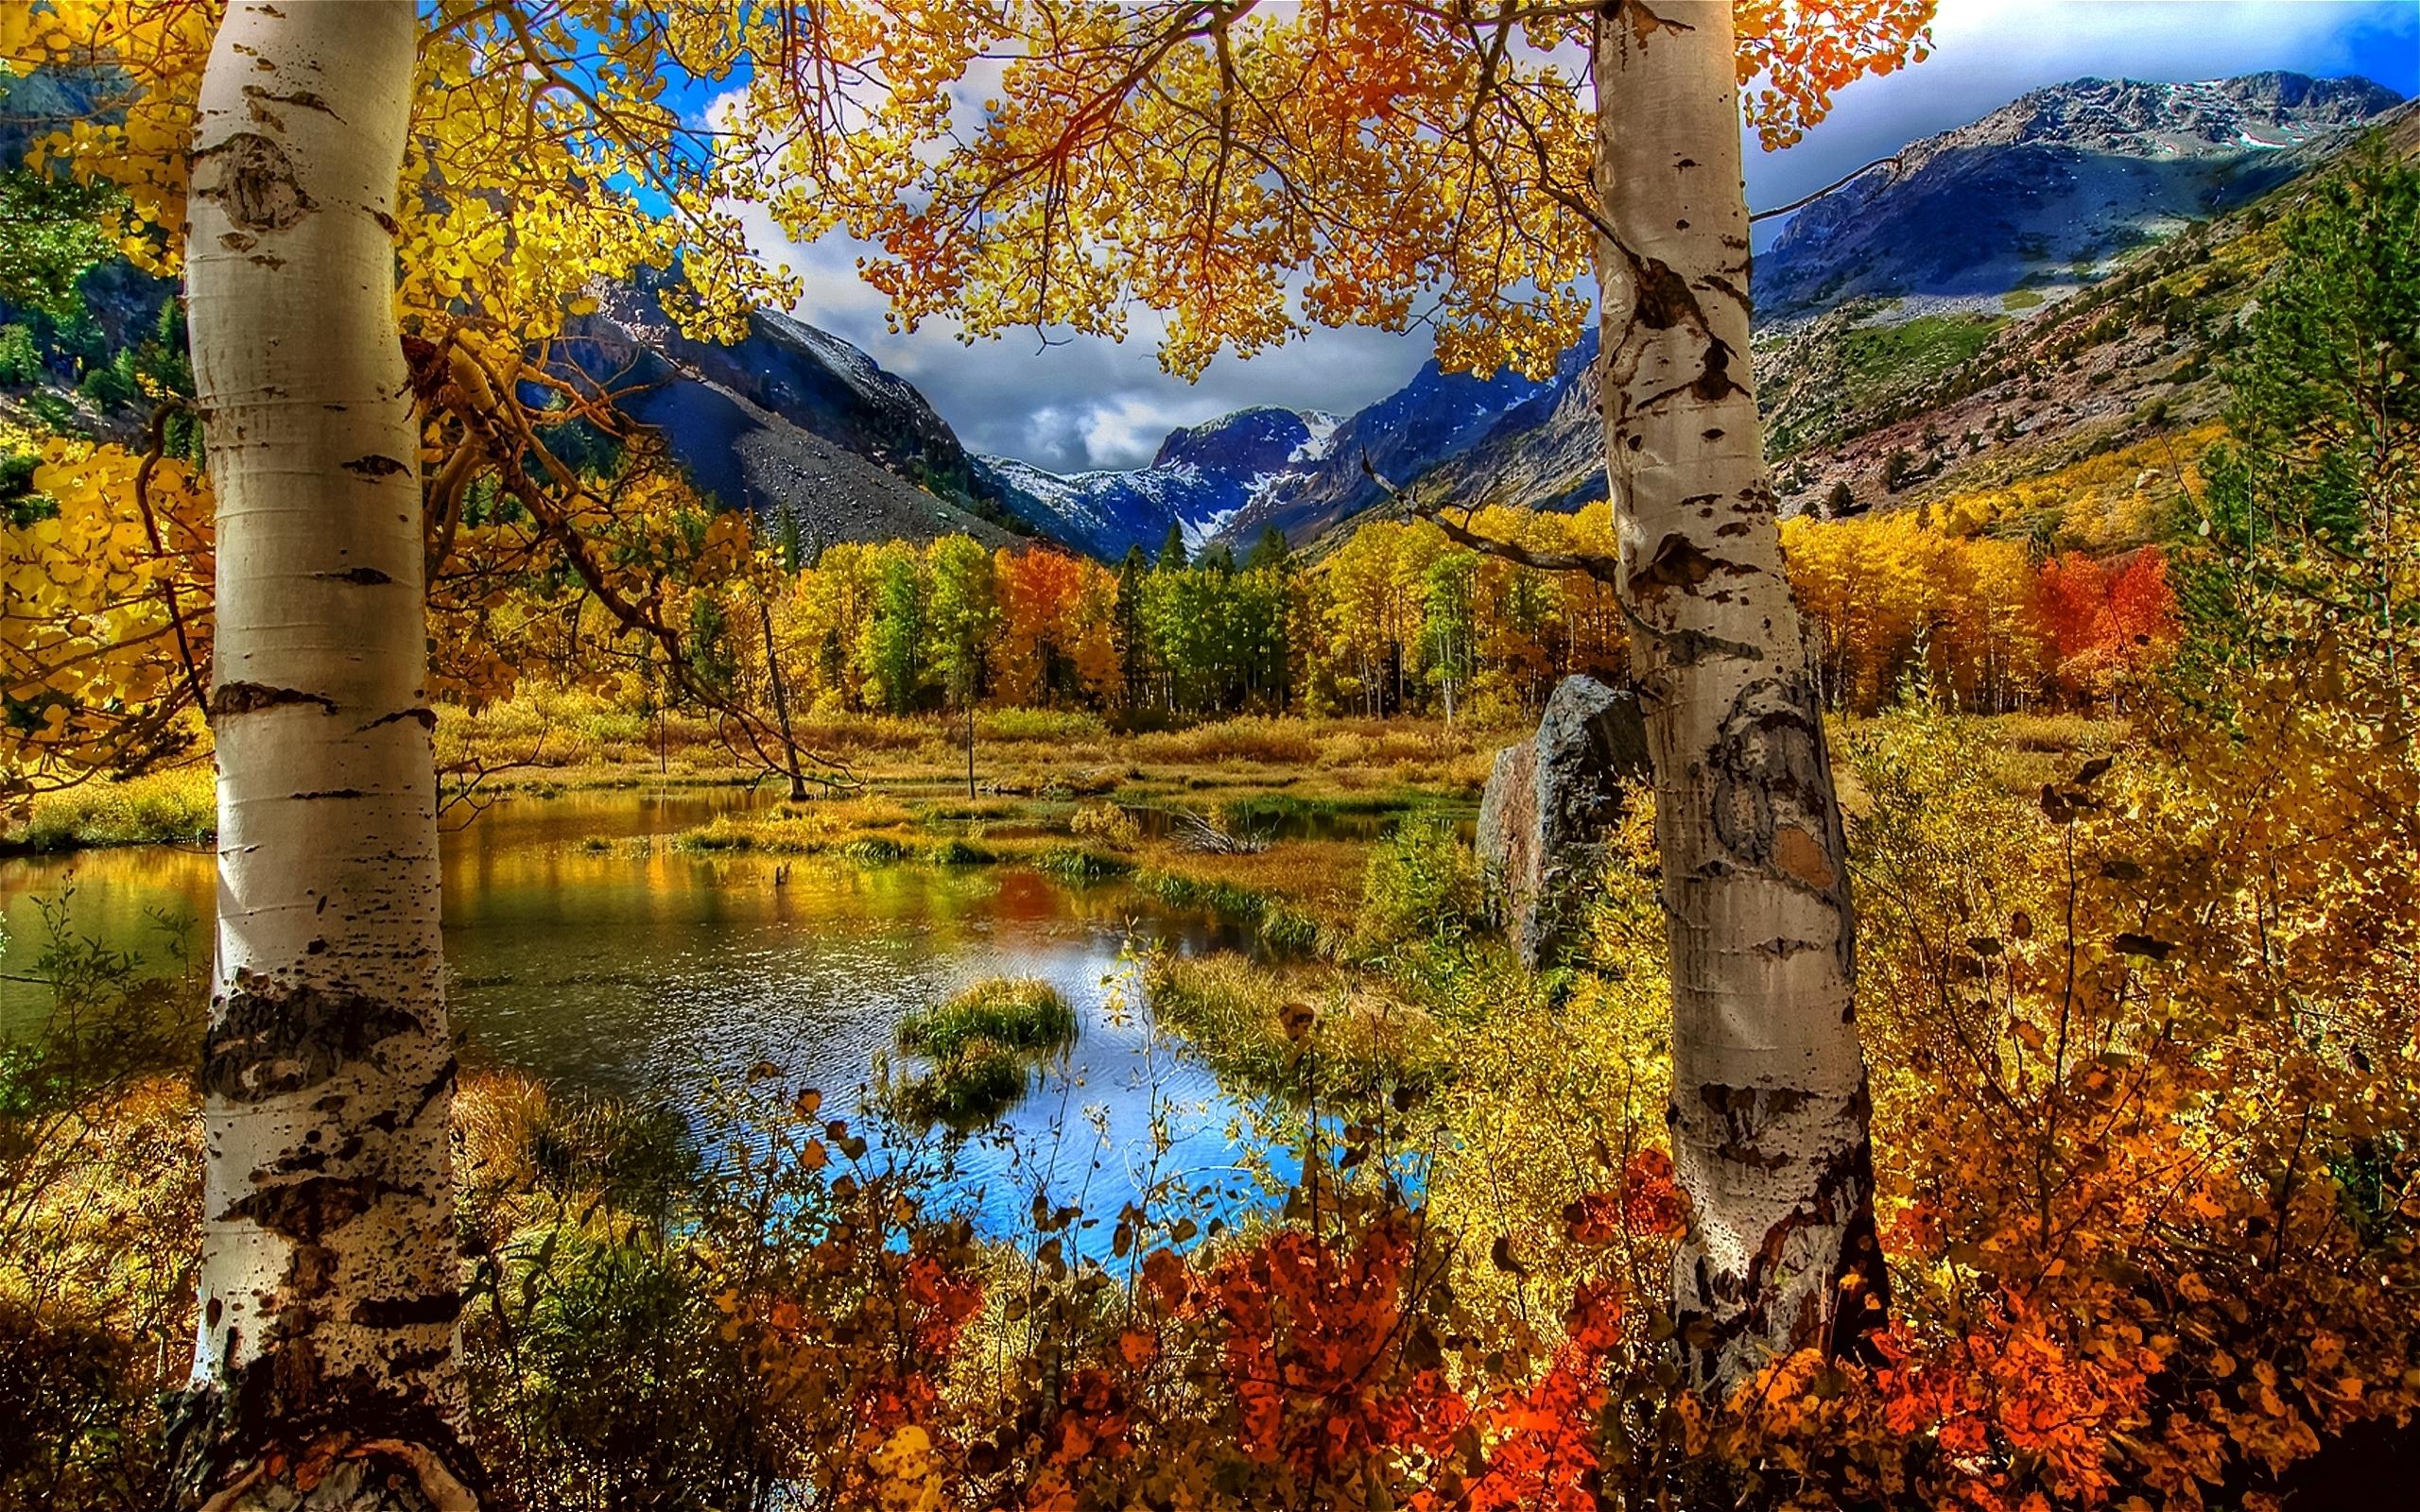 очень красивые картинки про осень она теряла